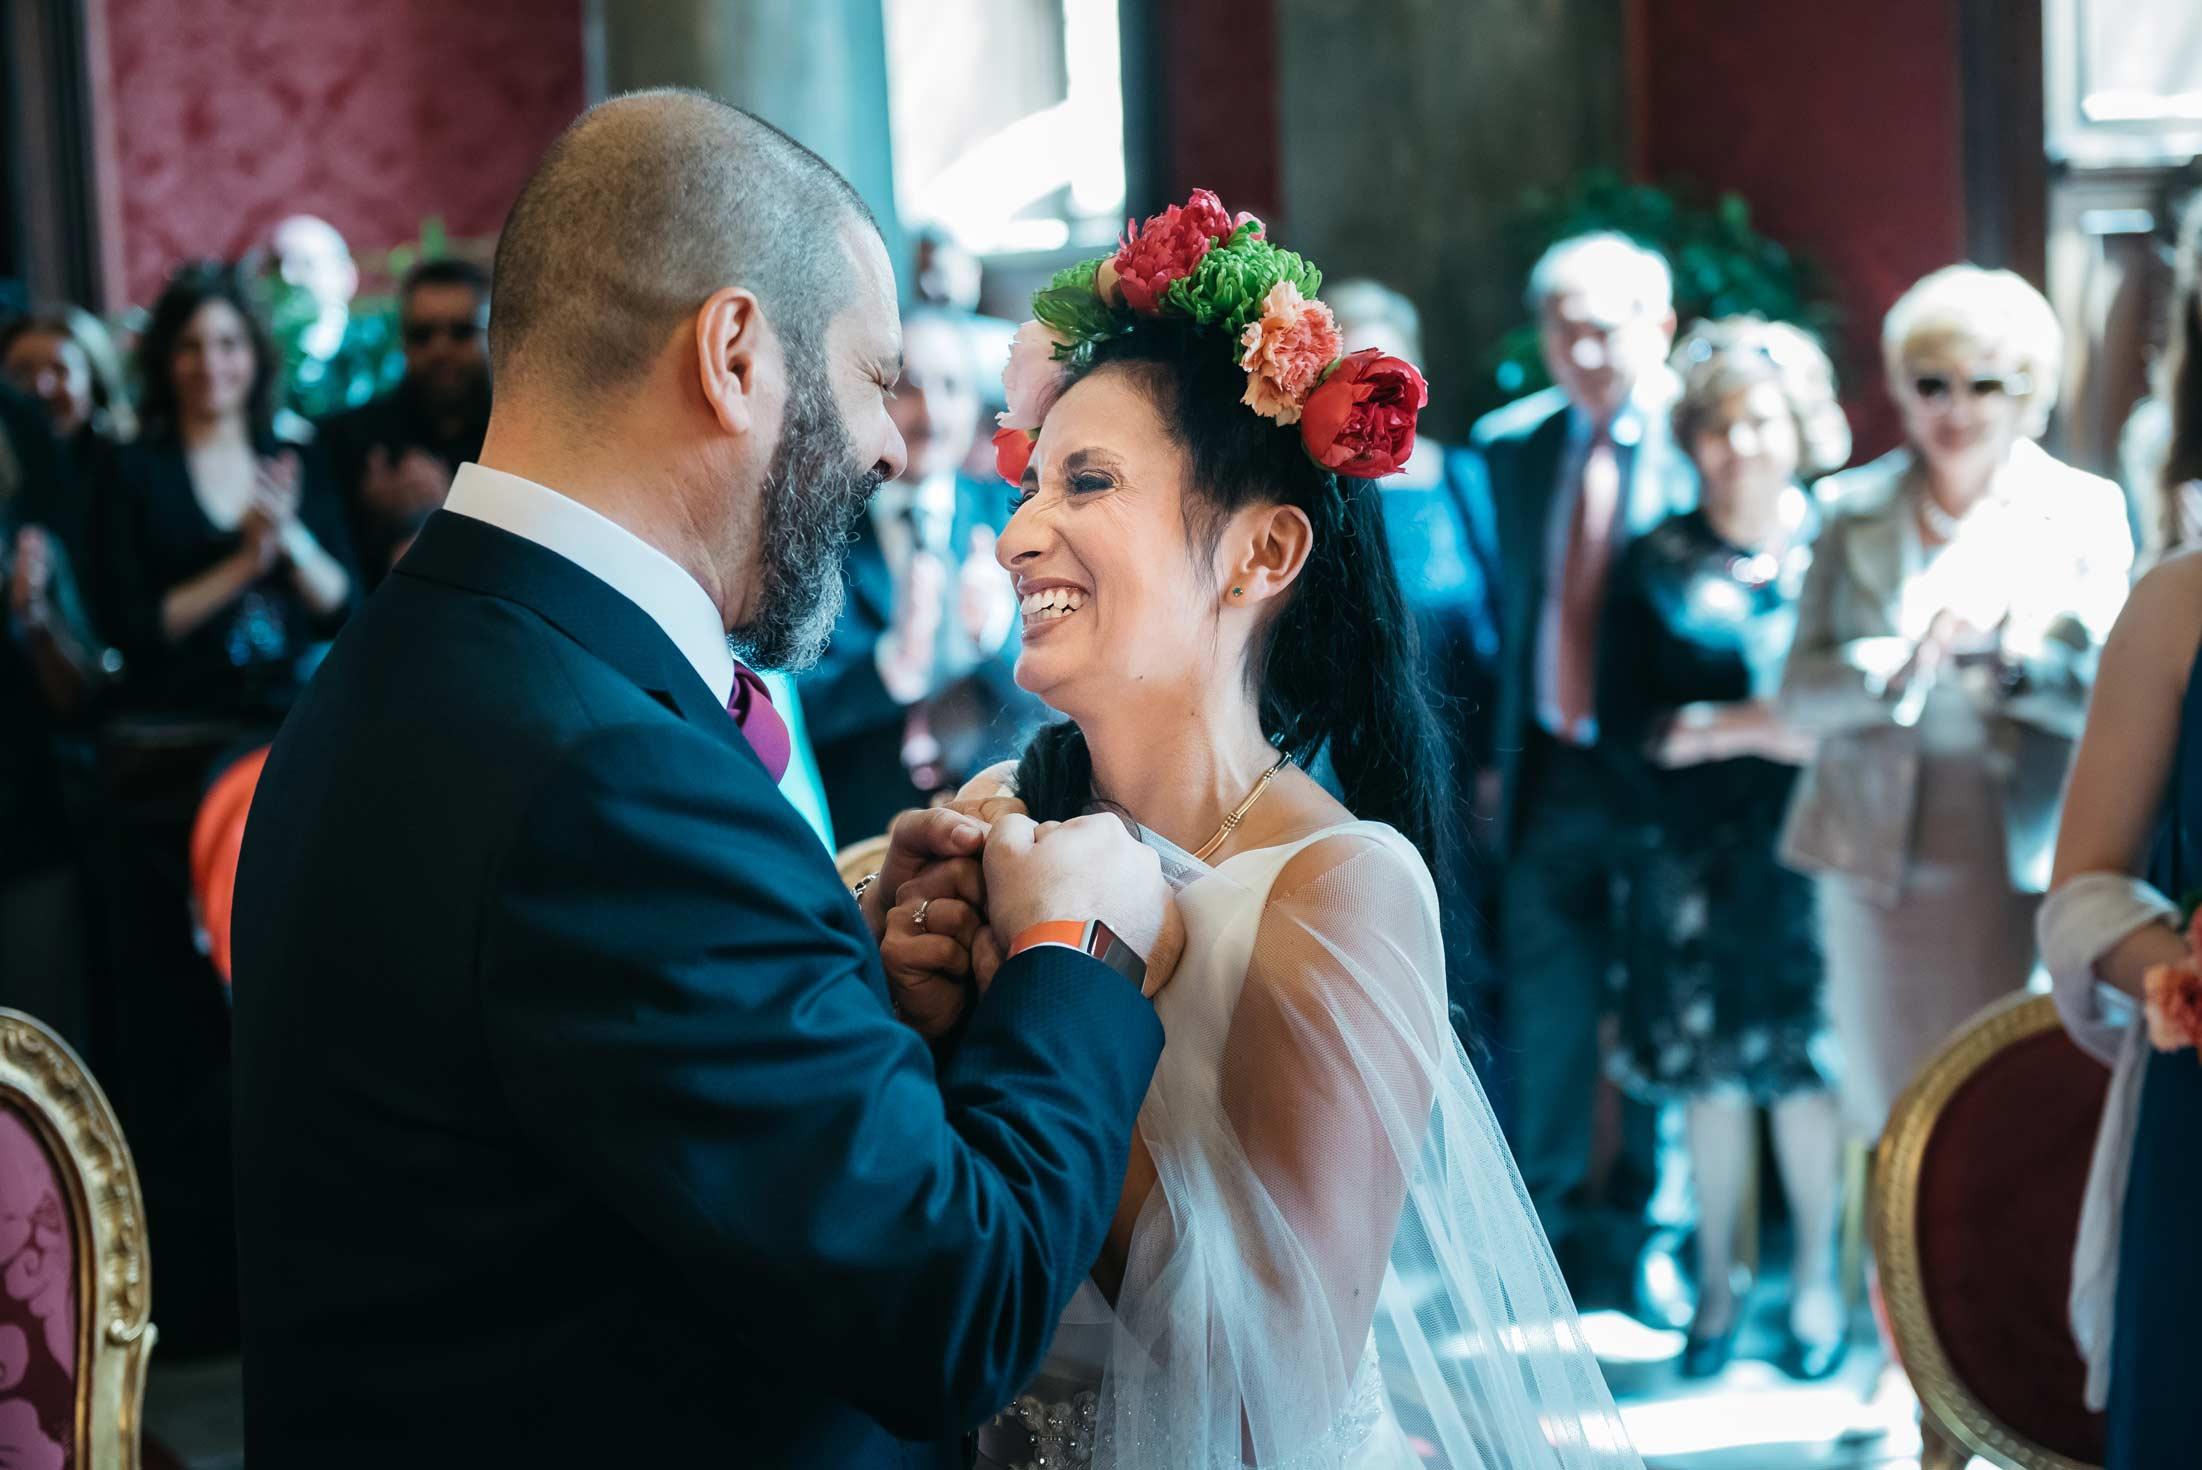 Reportage-Di-Matrimonio-Fotografo-Cerimonia-1